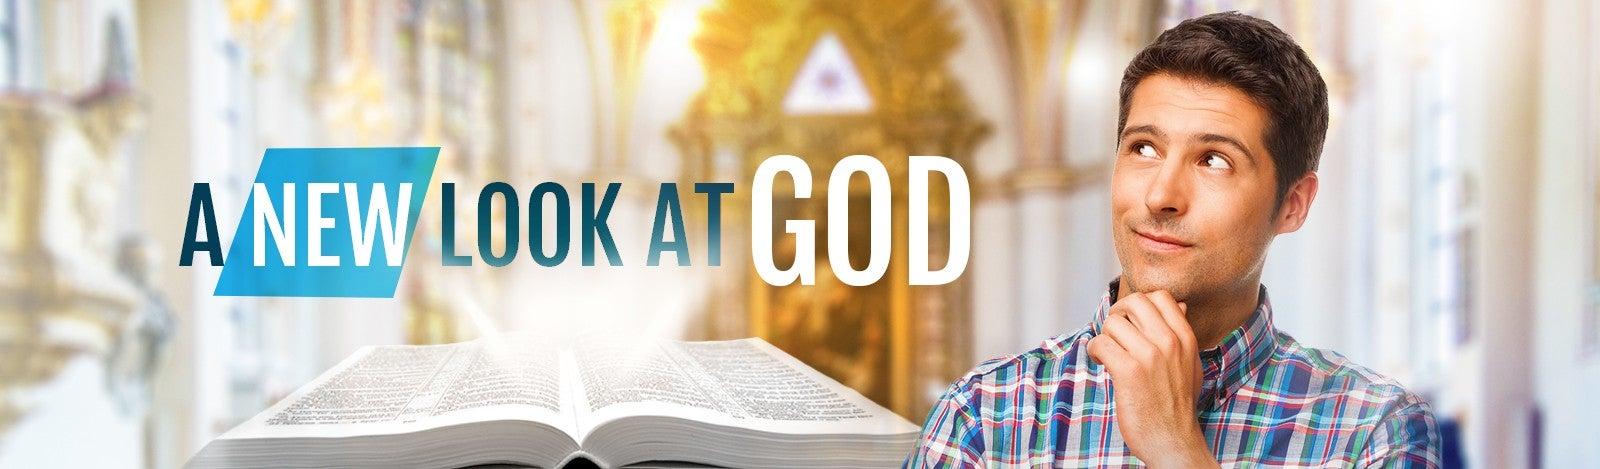 A New Look At God